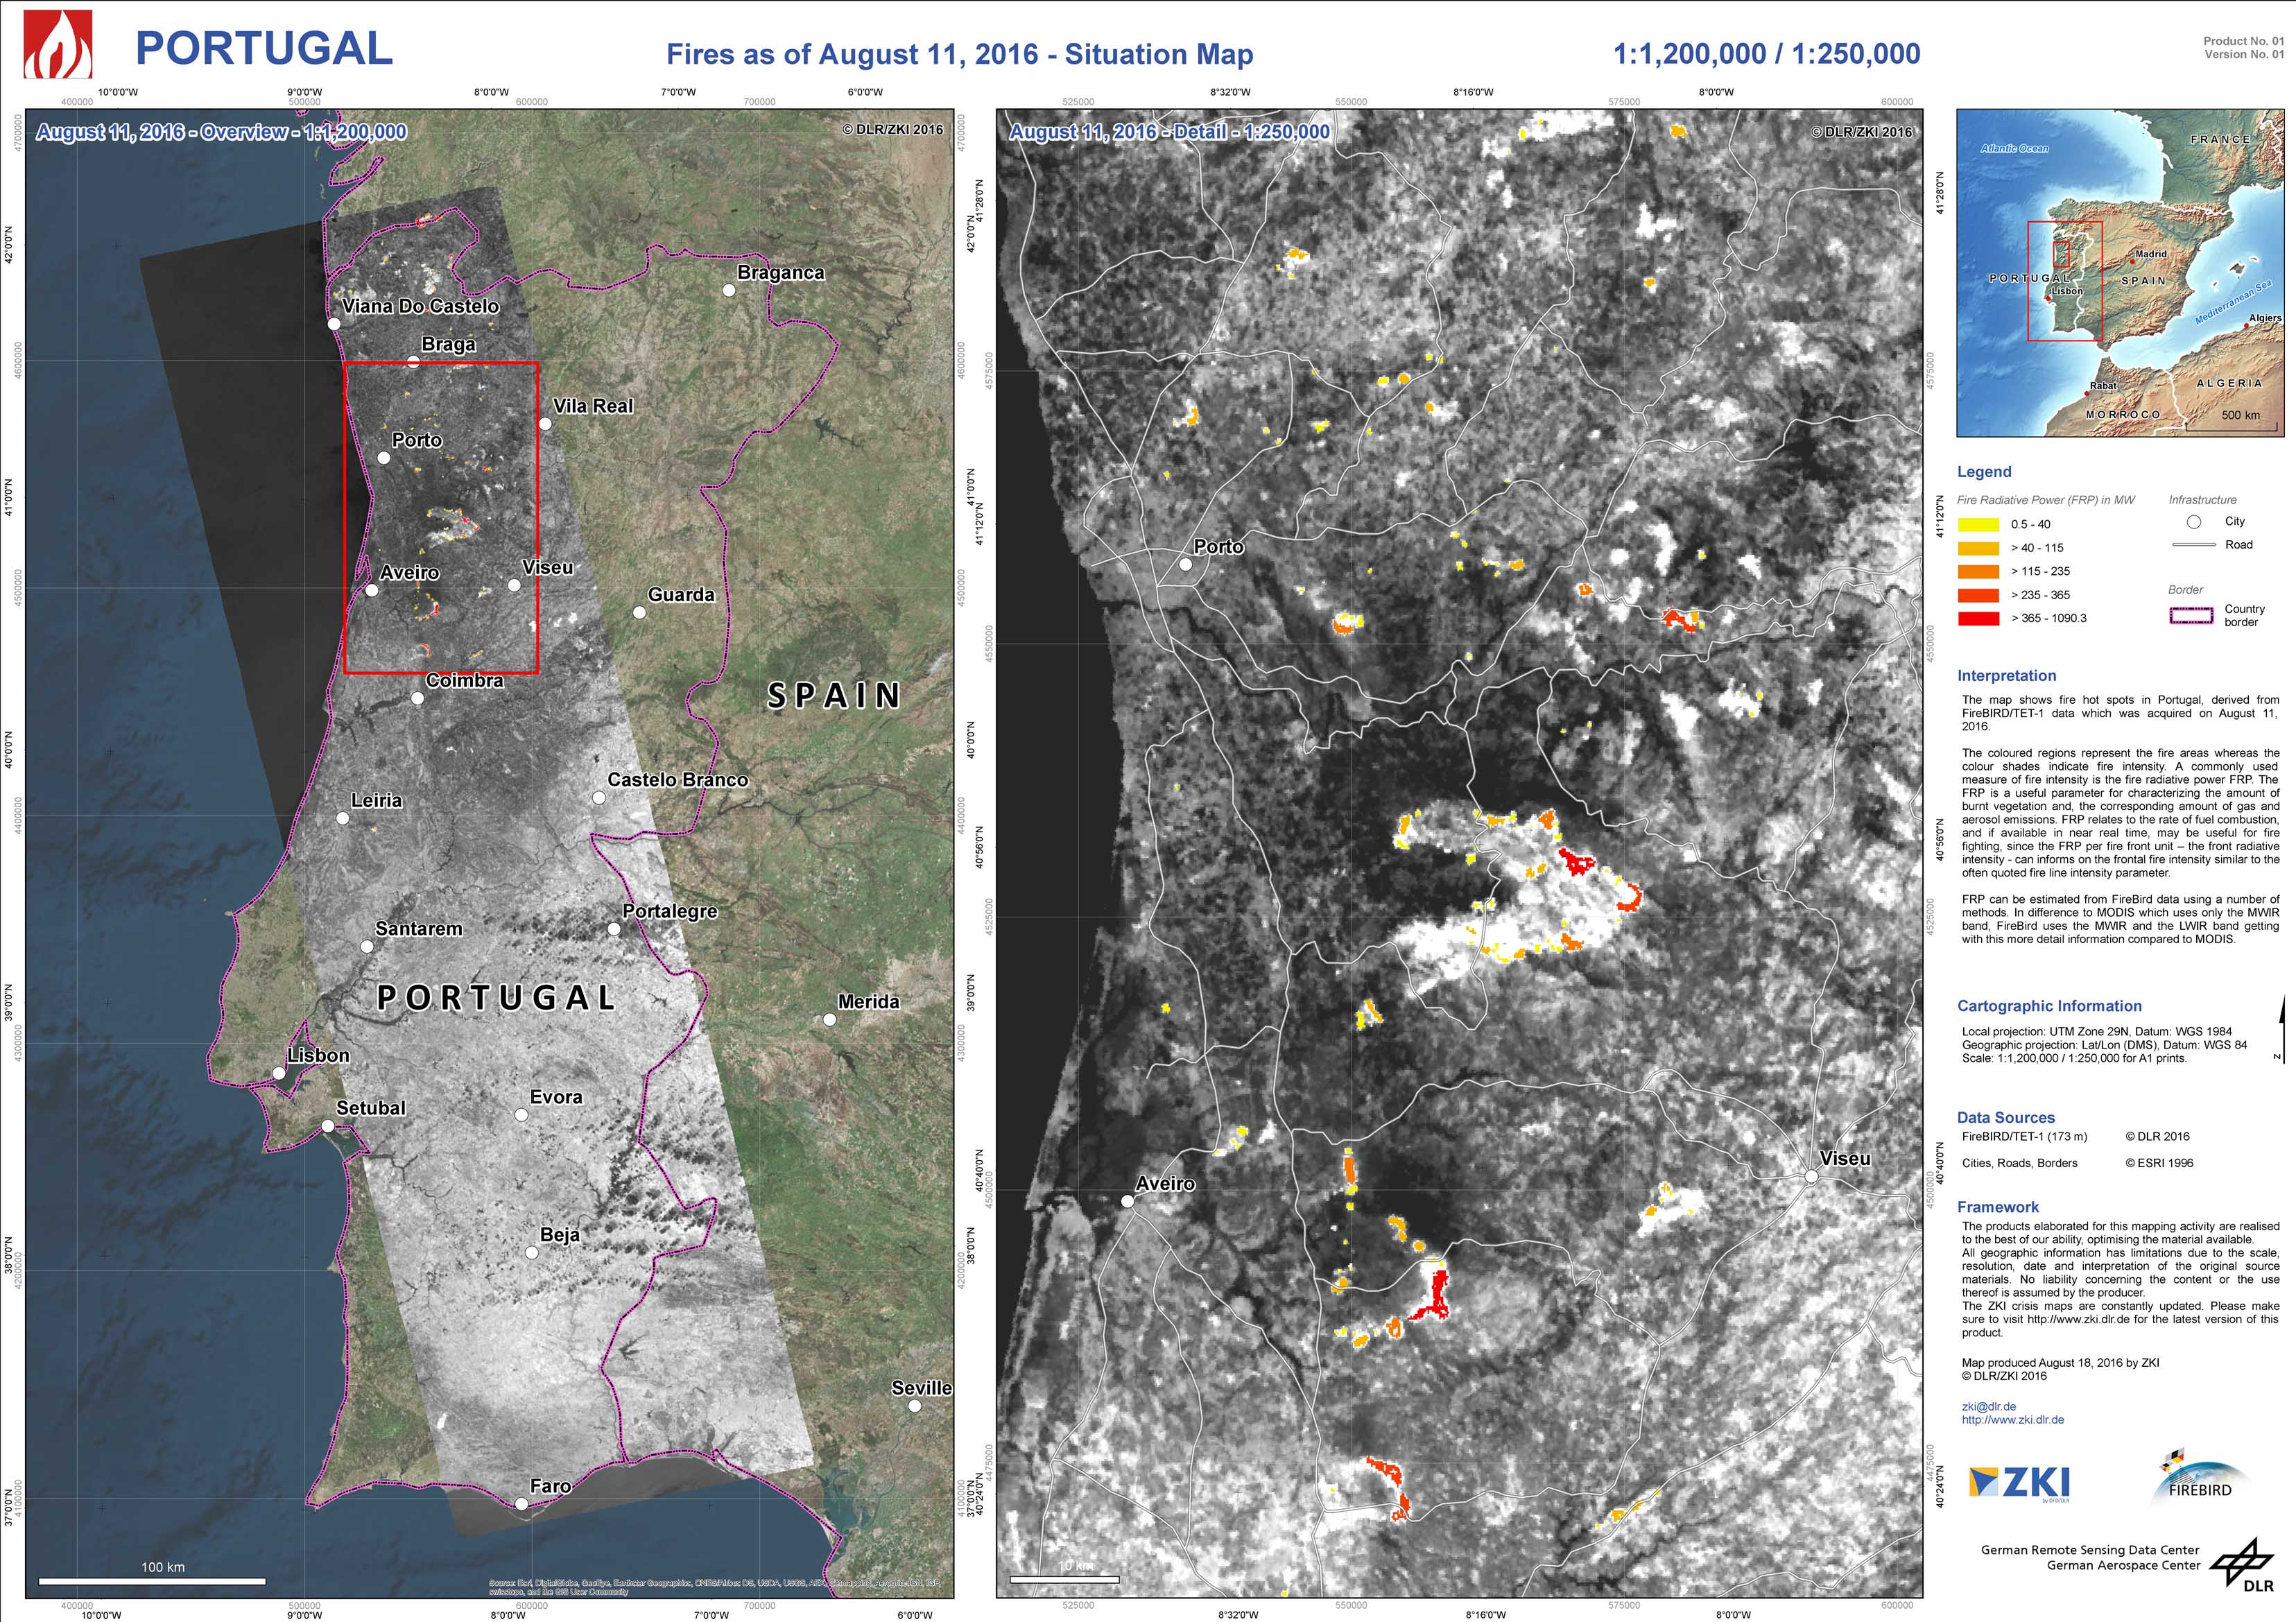 waldbrand portugal karte DLR   Earth Observation Center   Kontakt waldbrand portugal karte